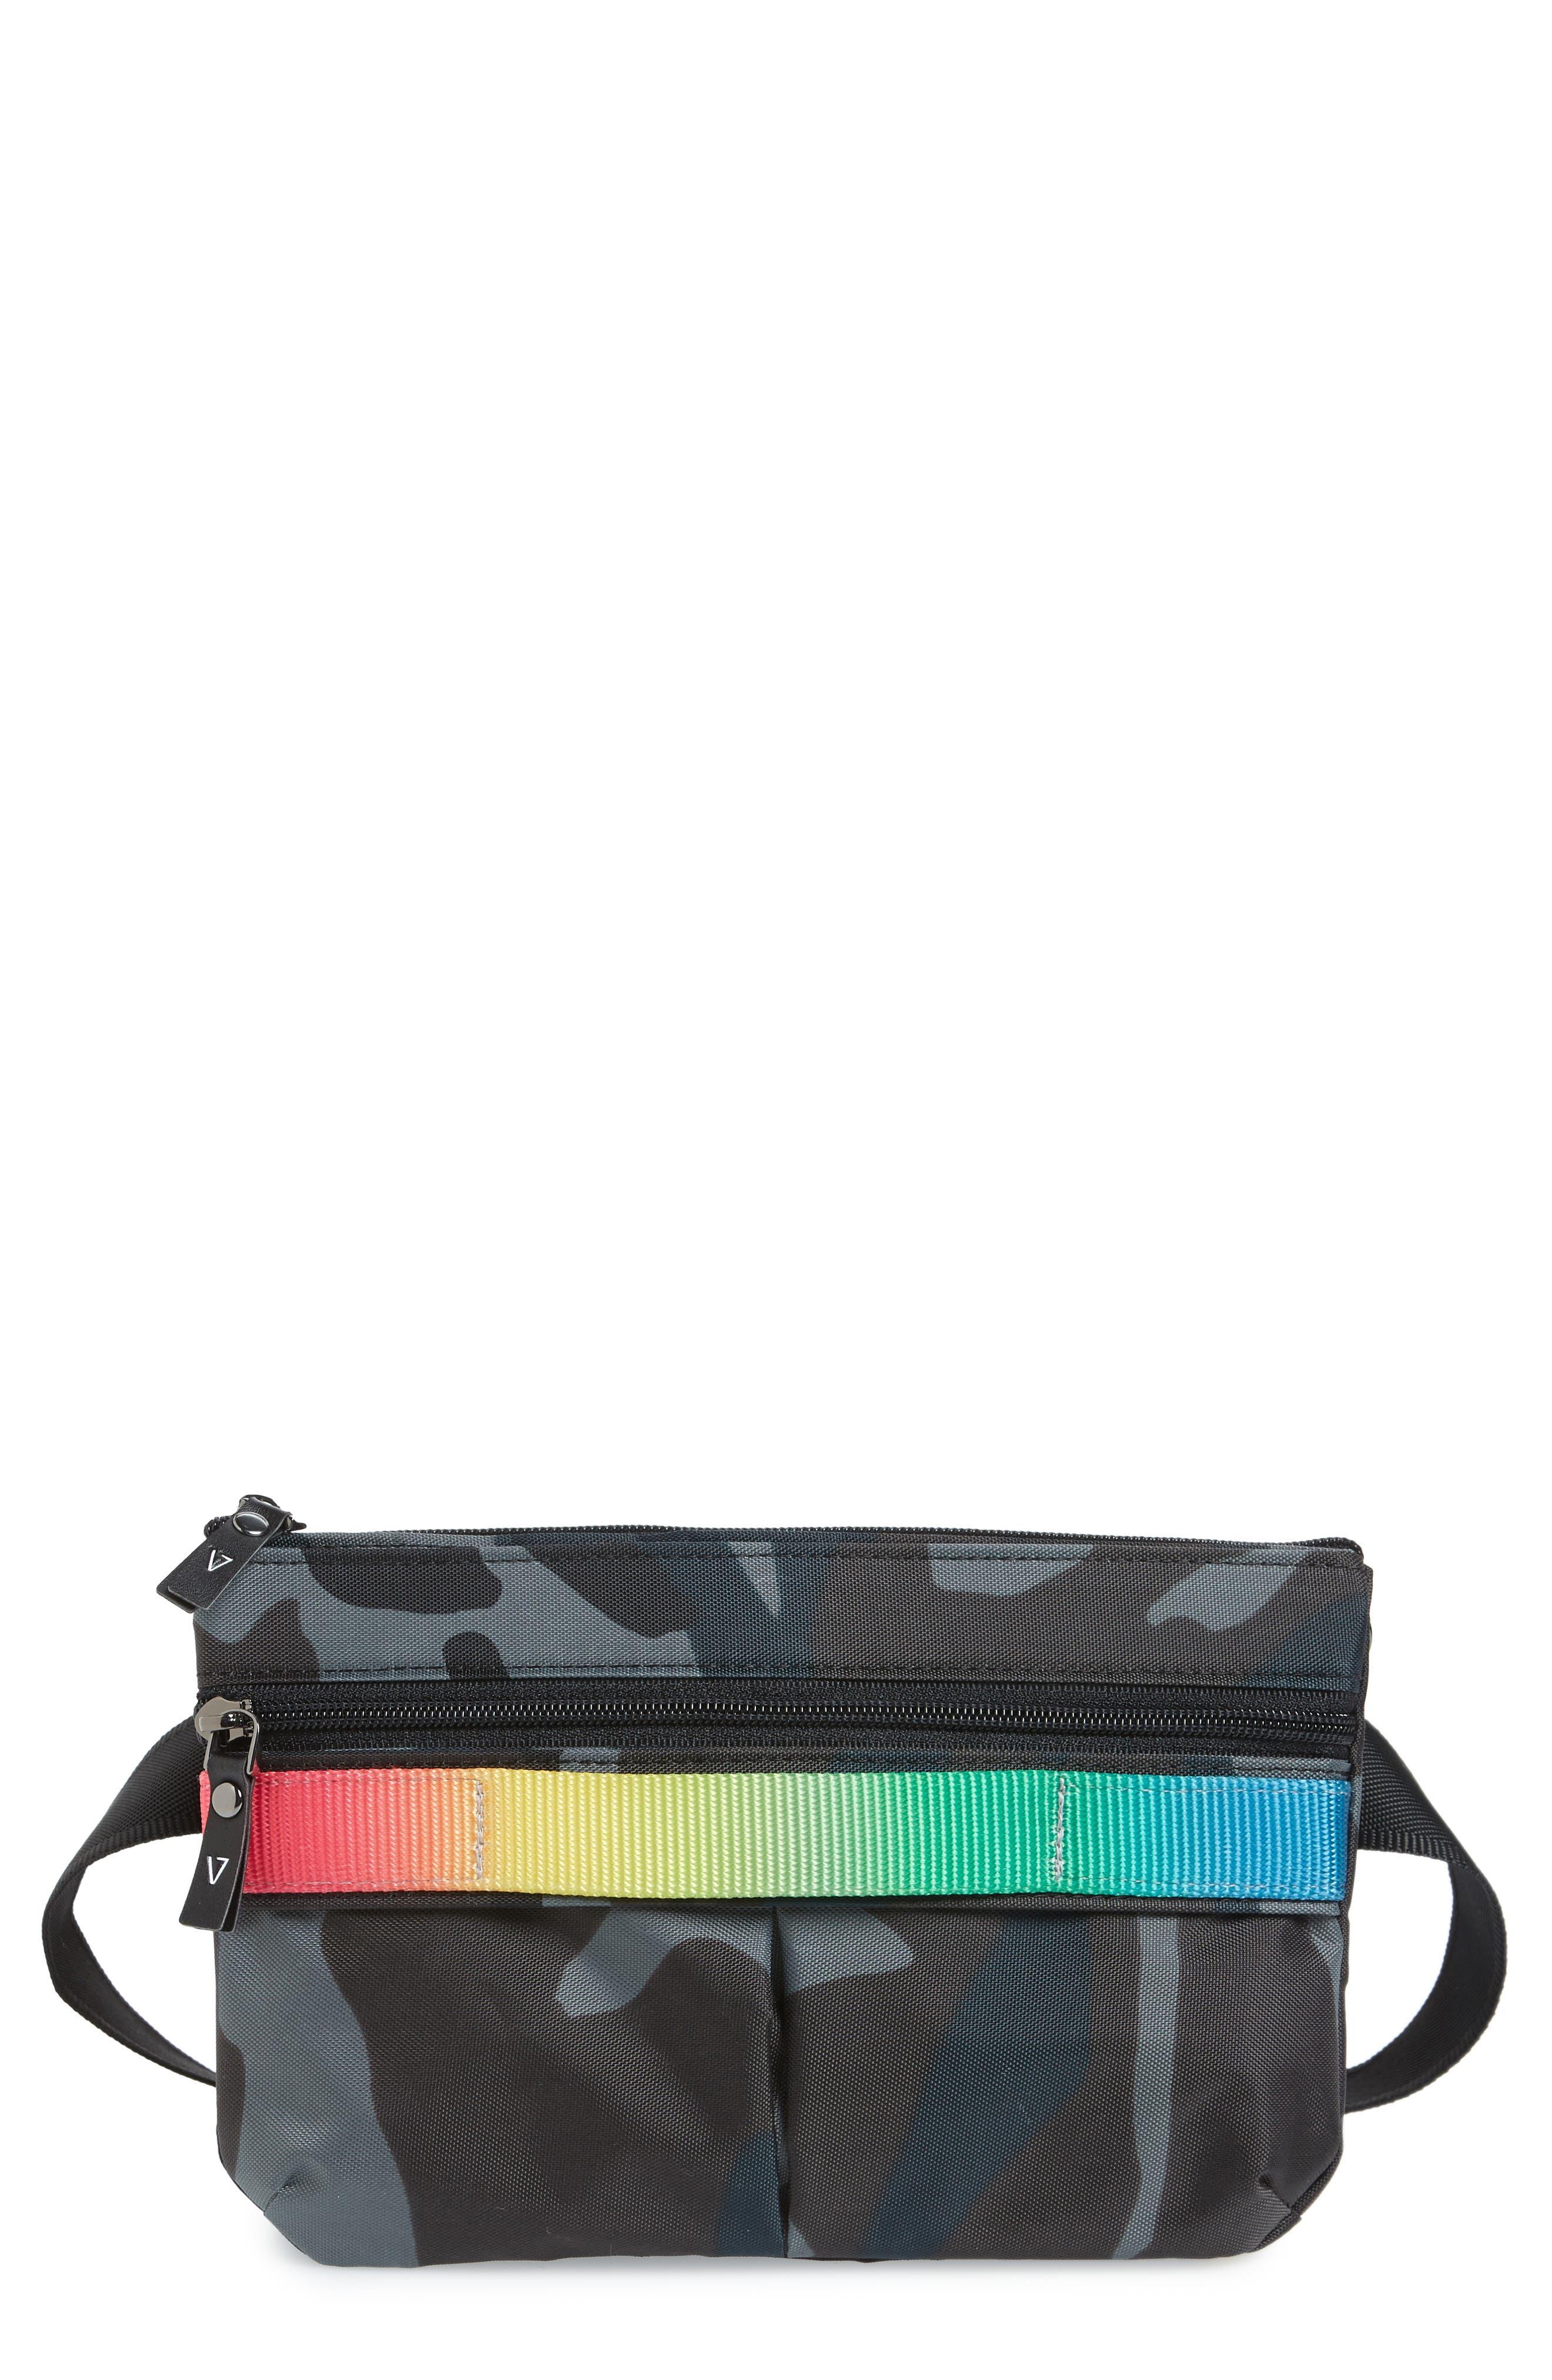 120417d257302 purse rainbow